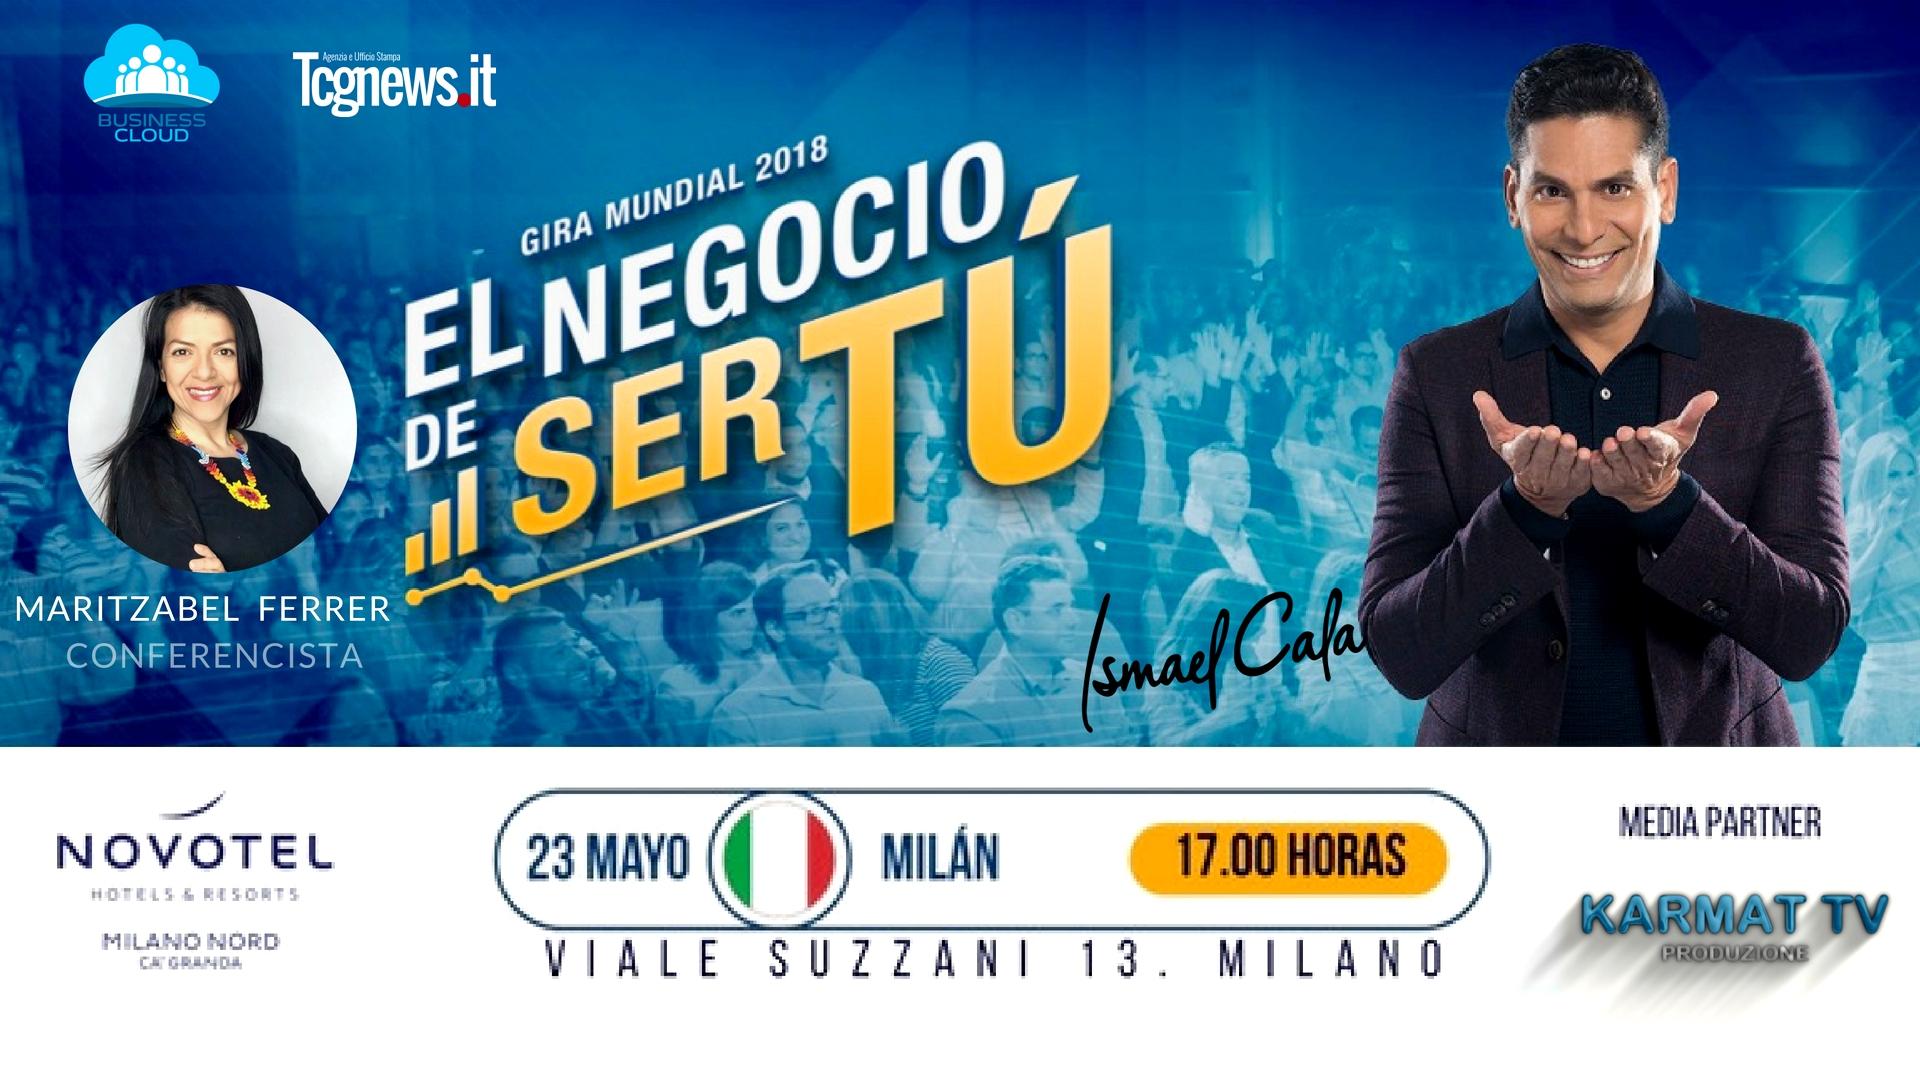 Gira europea del famoso periodista y conferencista Ismael Cala, por primera vez en Milán